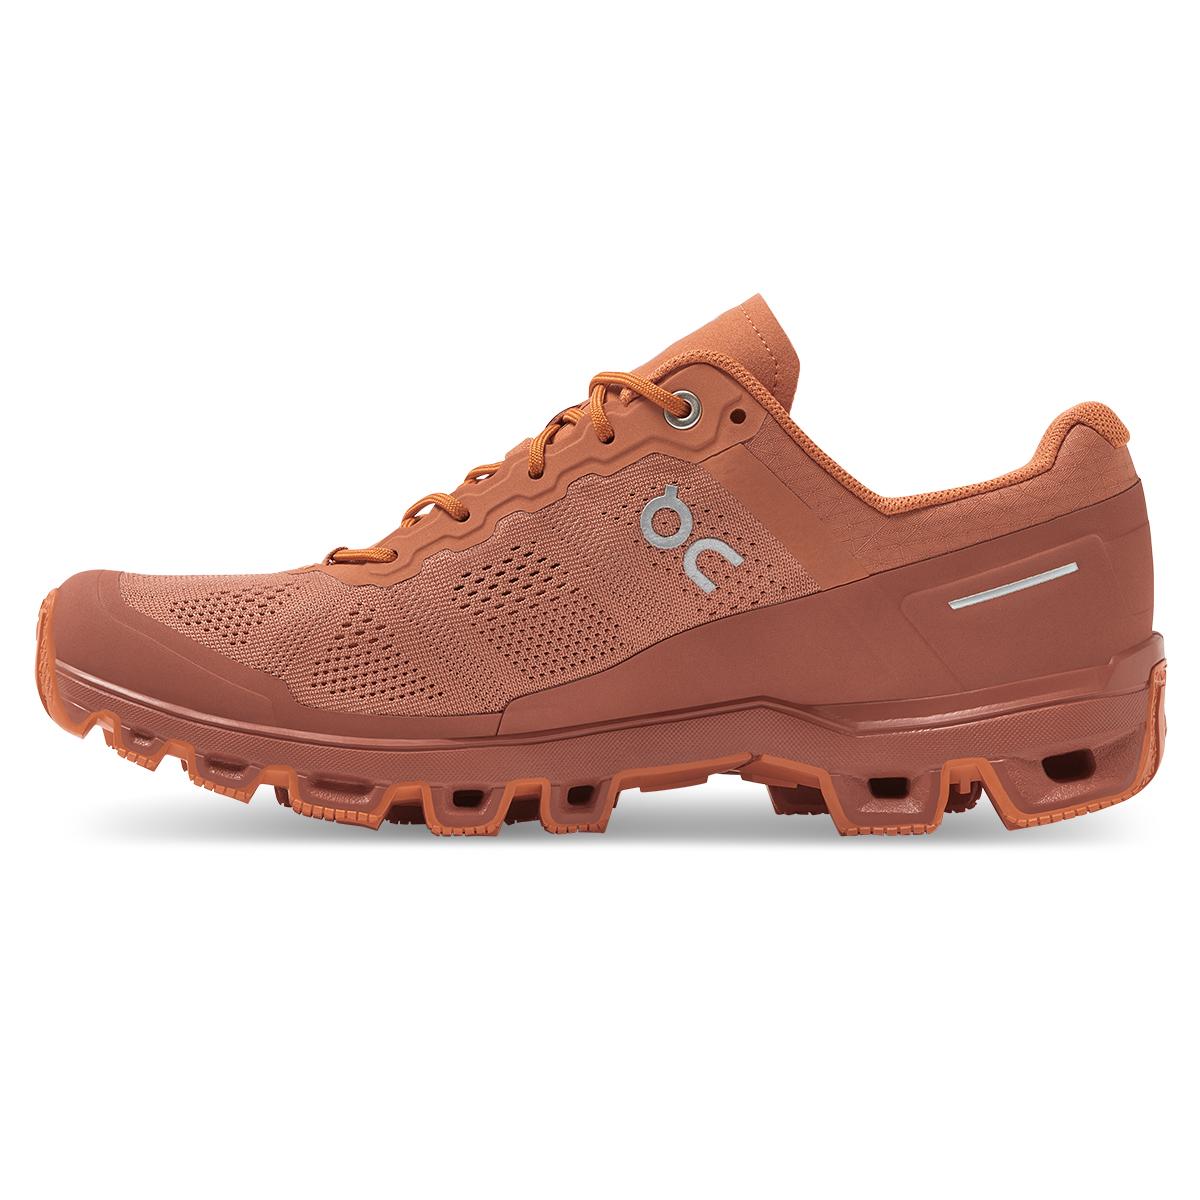 Women's On Cloudventure Trail Running Shoe - Color: Sandstone/Orang - Size: 5 - Width: Regular, Sandstone/Orang, large, image 2